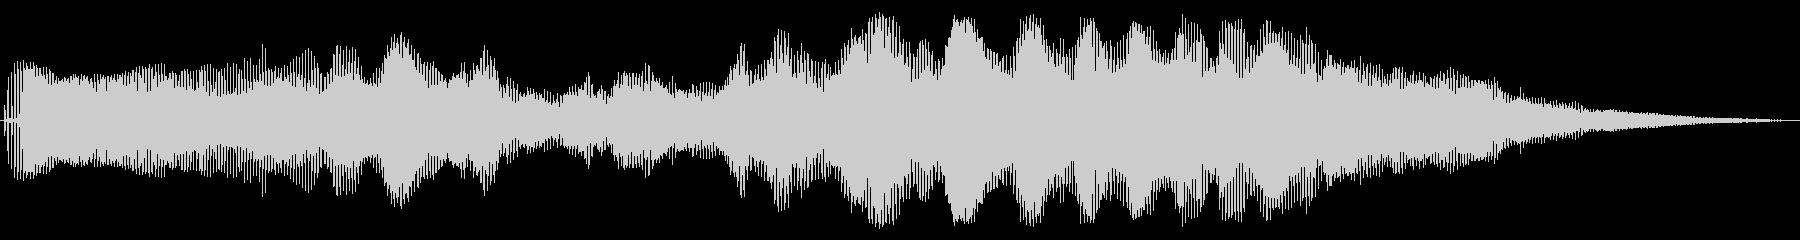 電子振動層状音の変化の未再生の波形